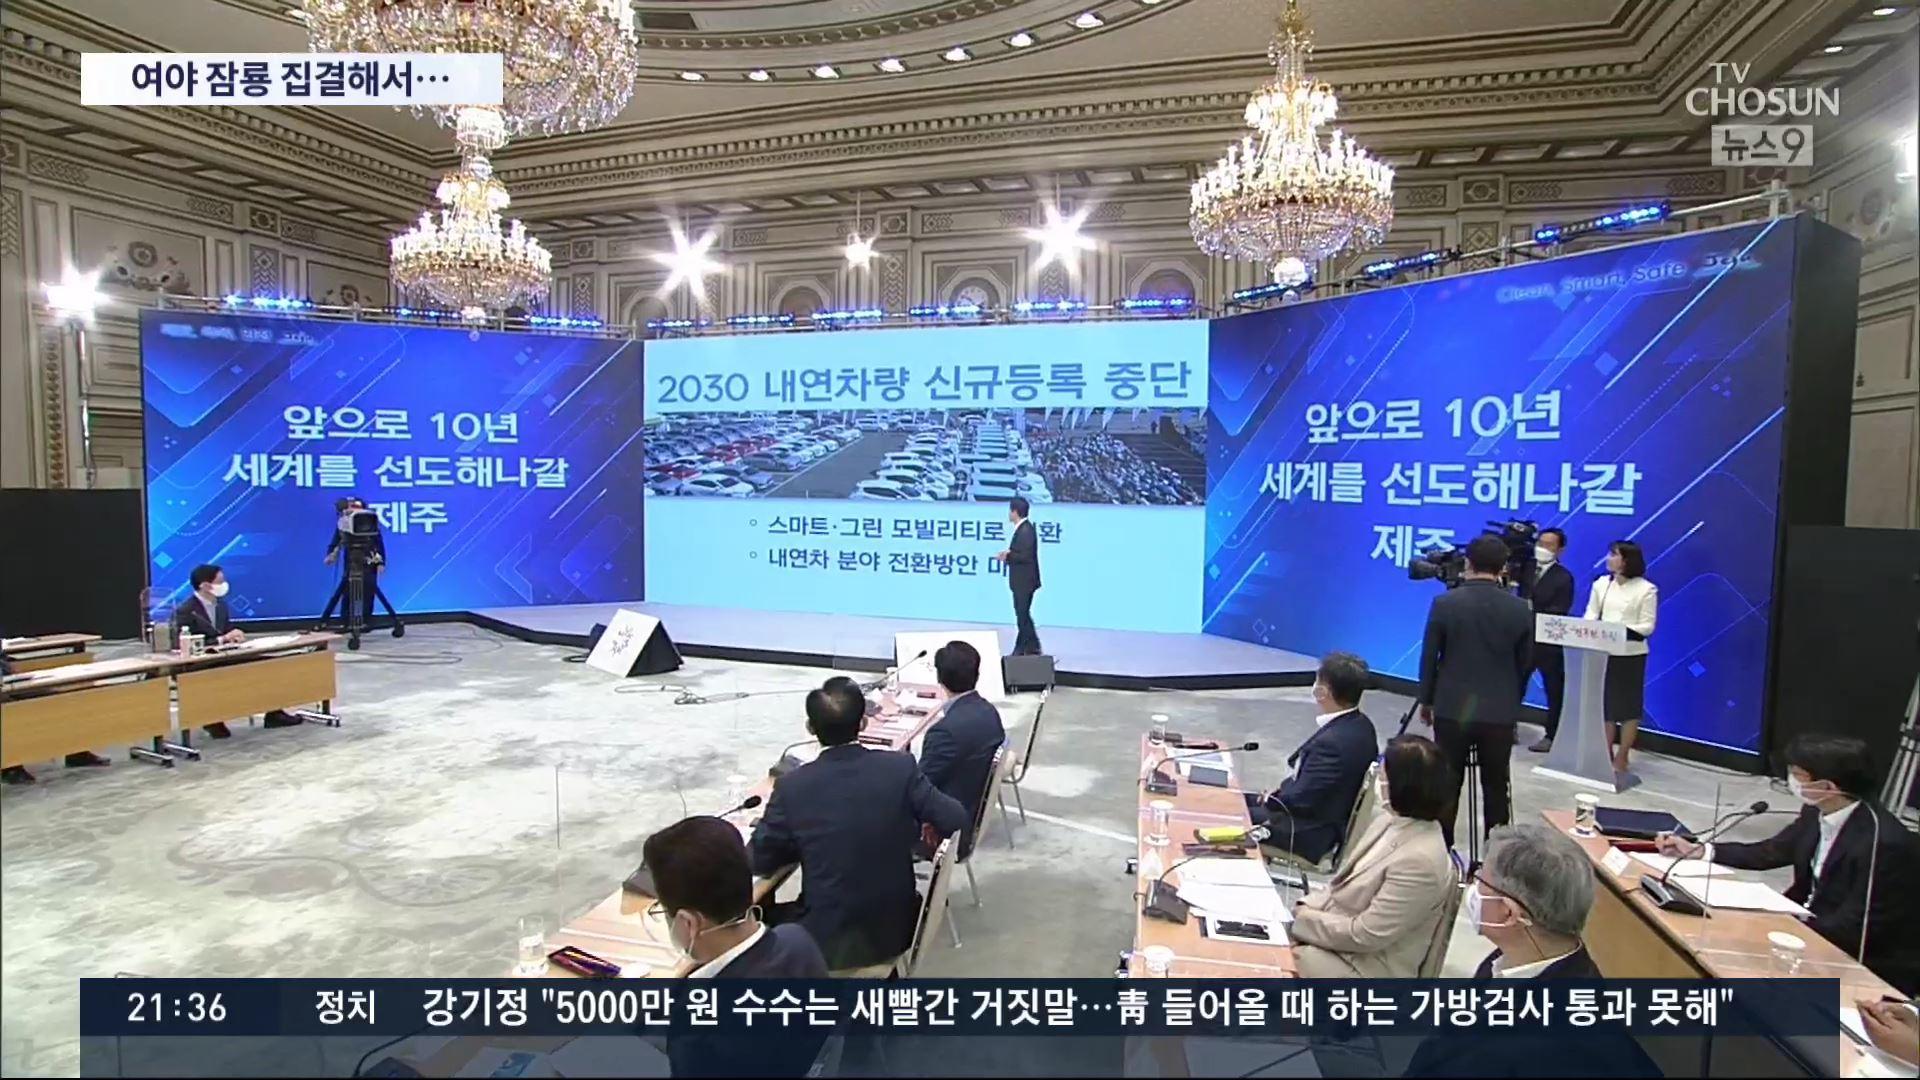 여야 잠룡들 靑 집결…文 '지역균형뉴딜 정파적 문제 아냐'